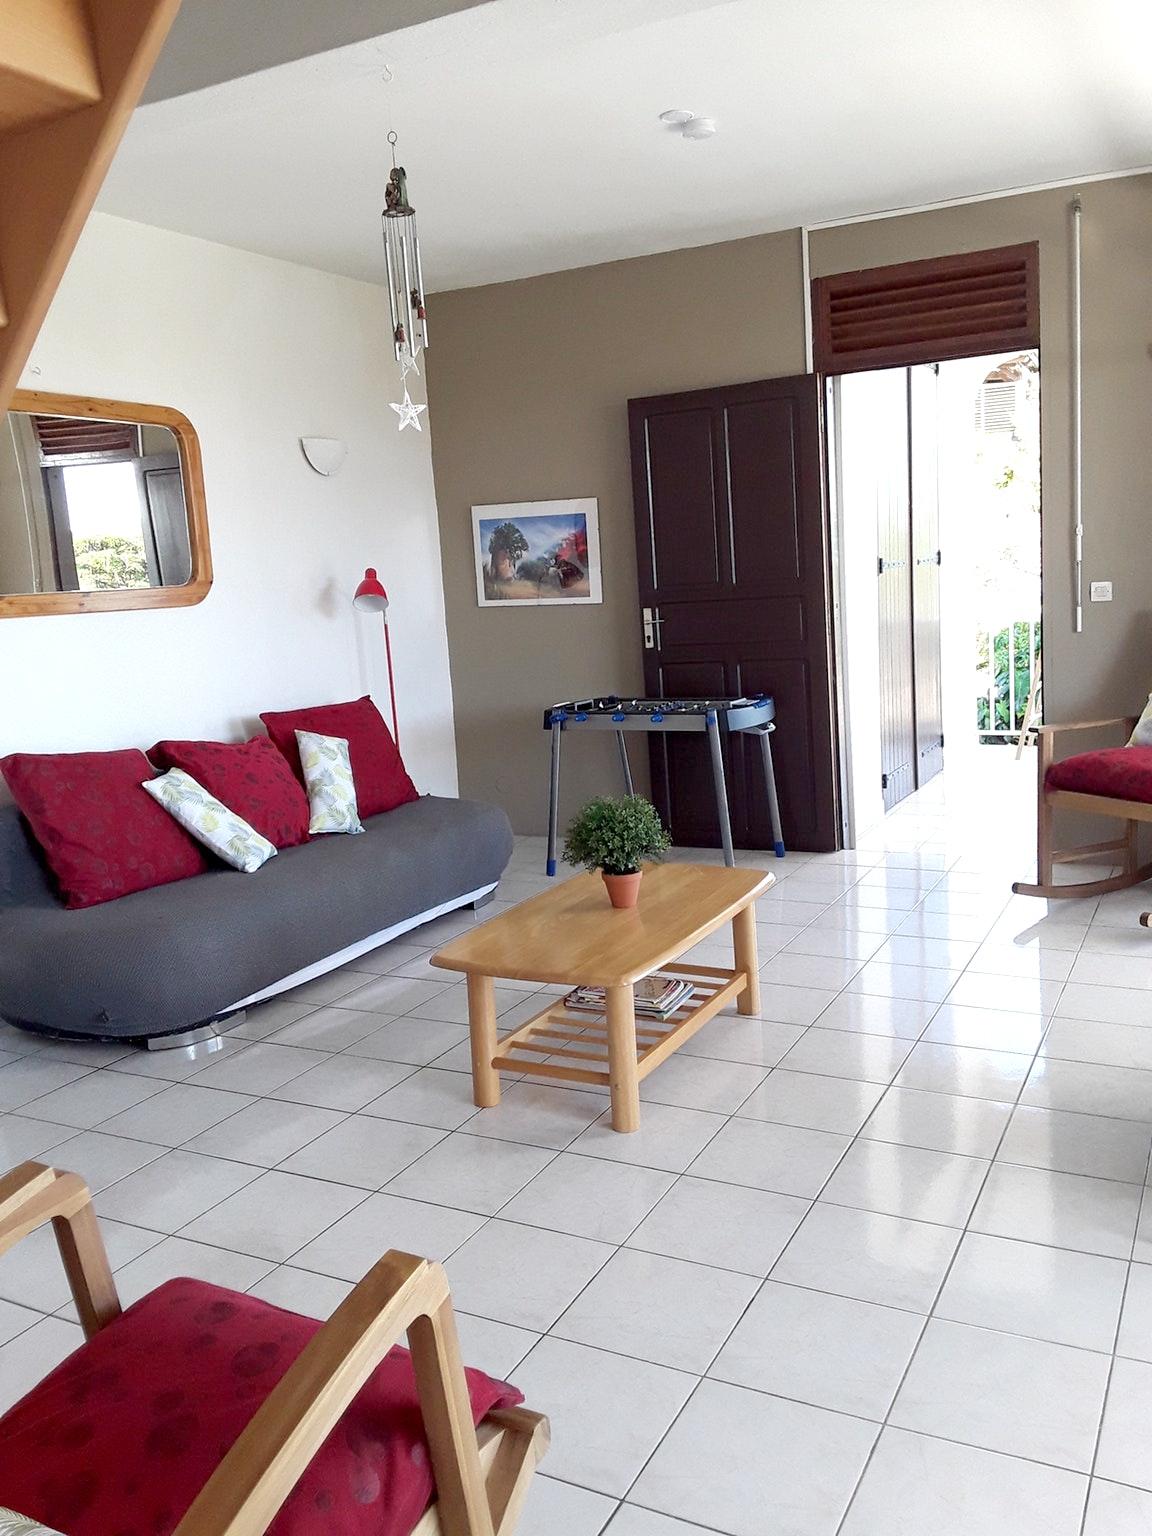 Villa mit 3 Schlafzimmern in Sainte Anne mit herrl Villa in Guadeloupe